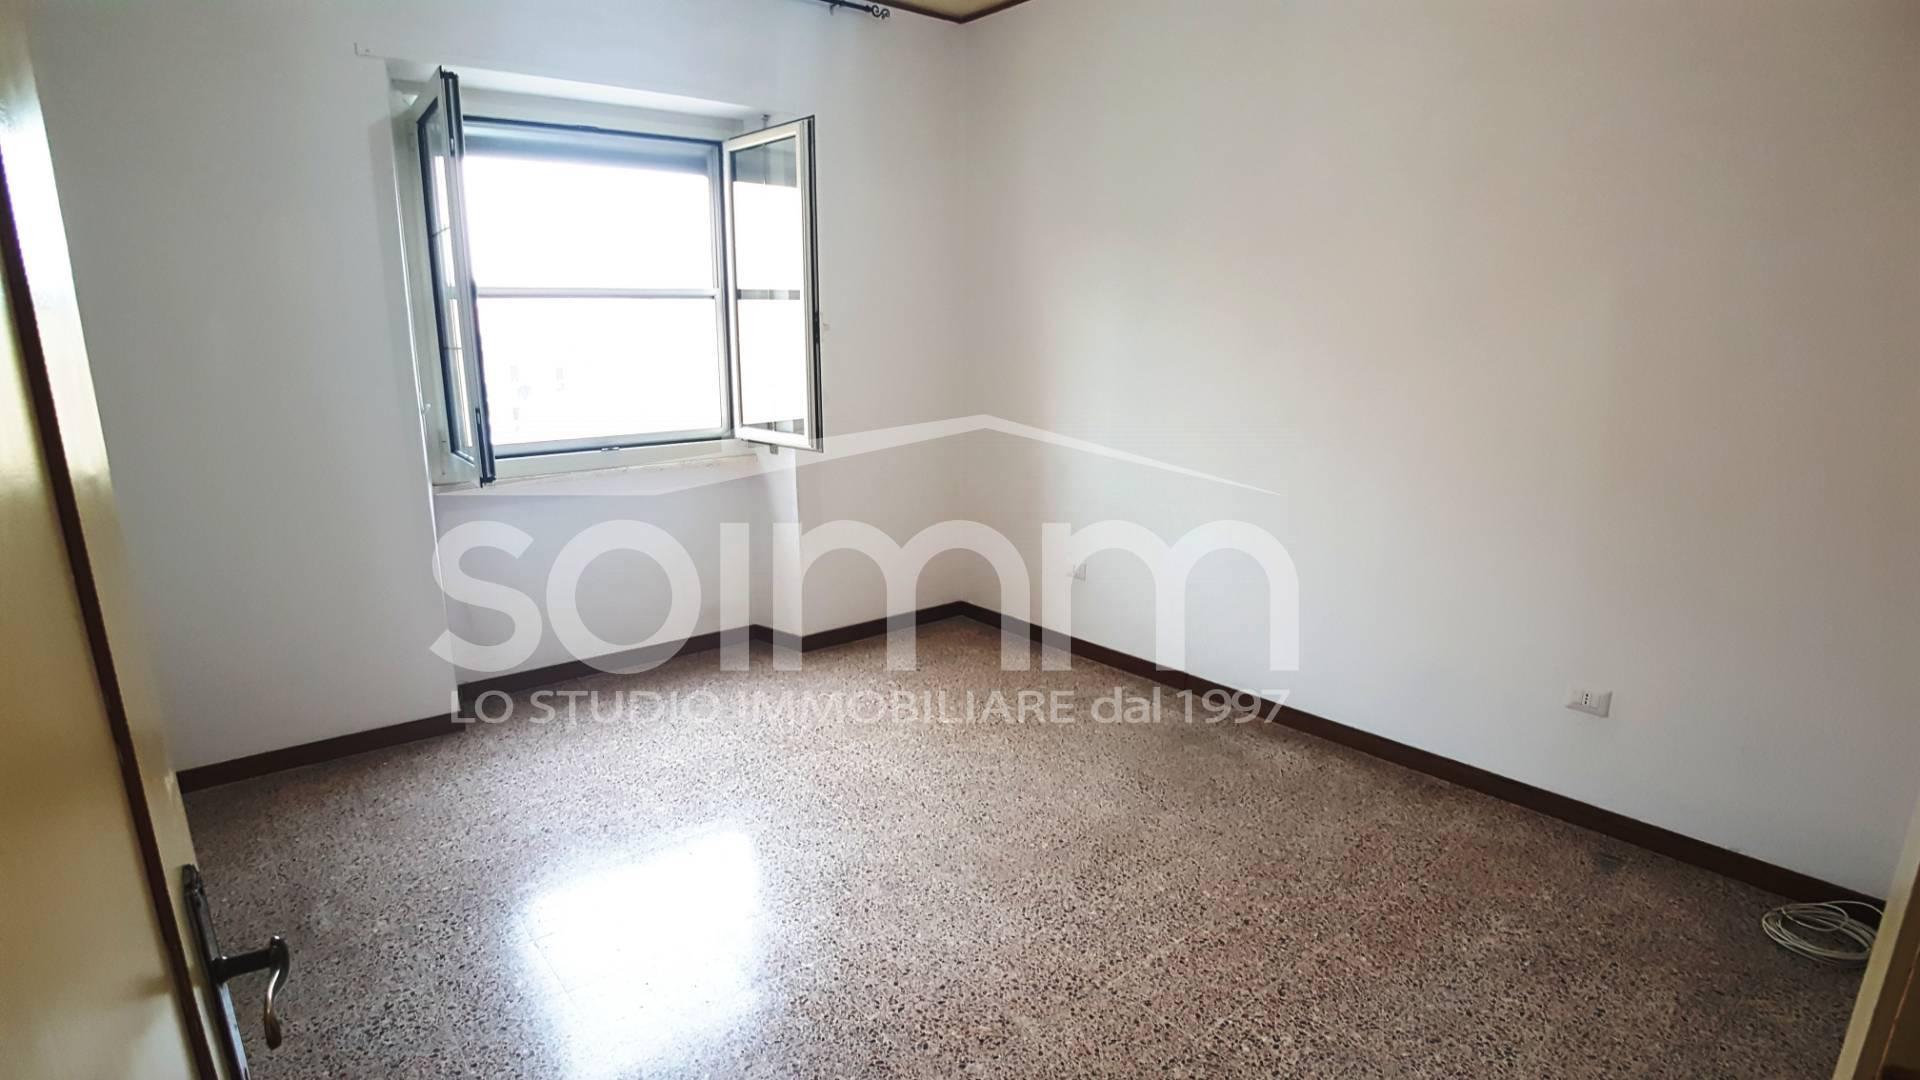 Appartamento in Vendita a Cagliari - Cod. RP143